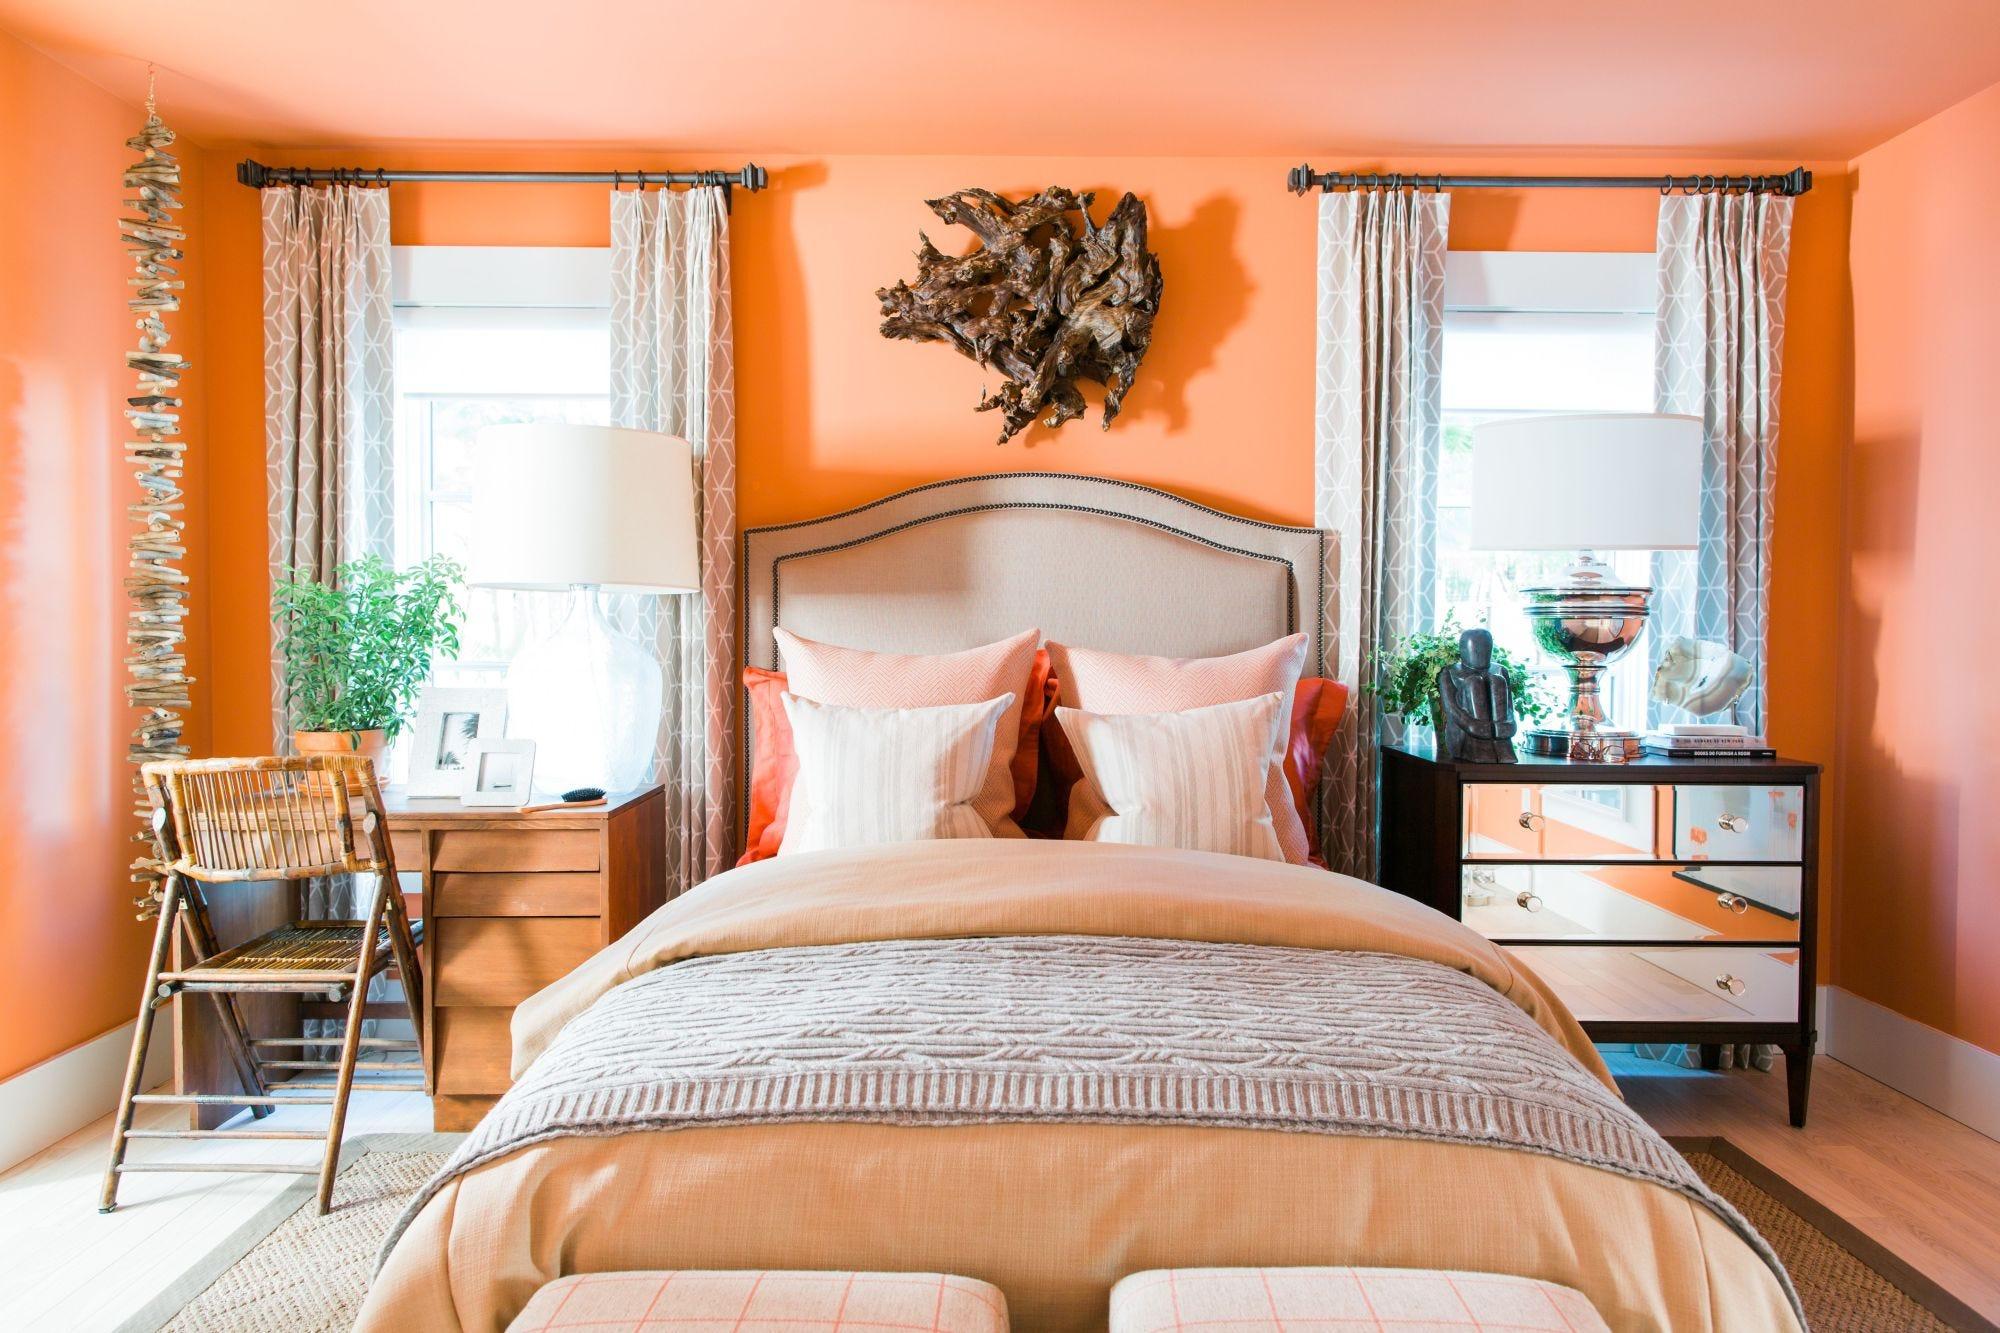 Merritt Island Hgtv Dream Home Price 1 5 Million